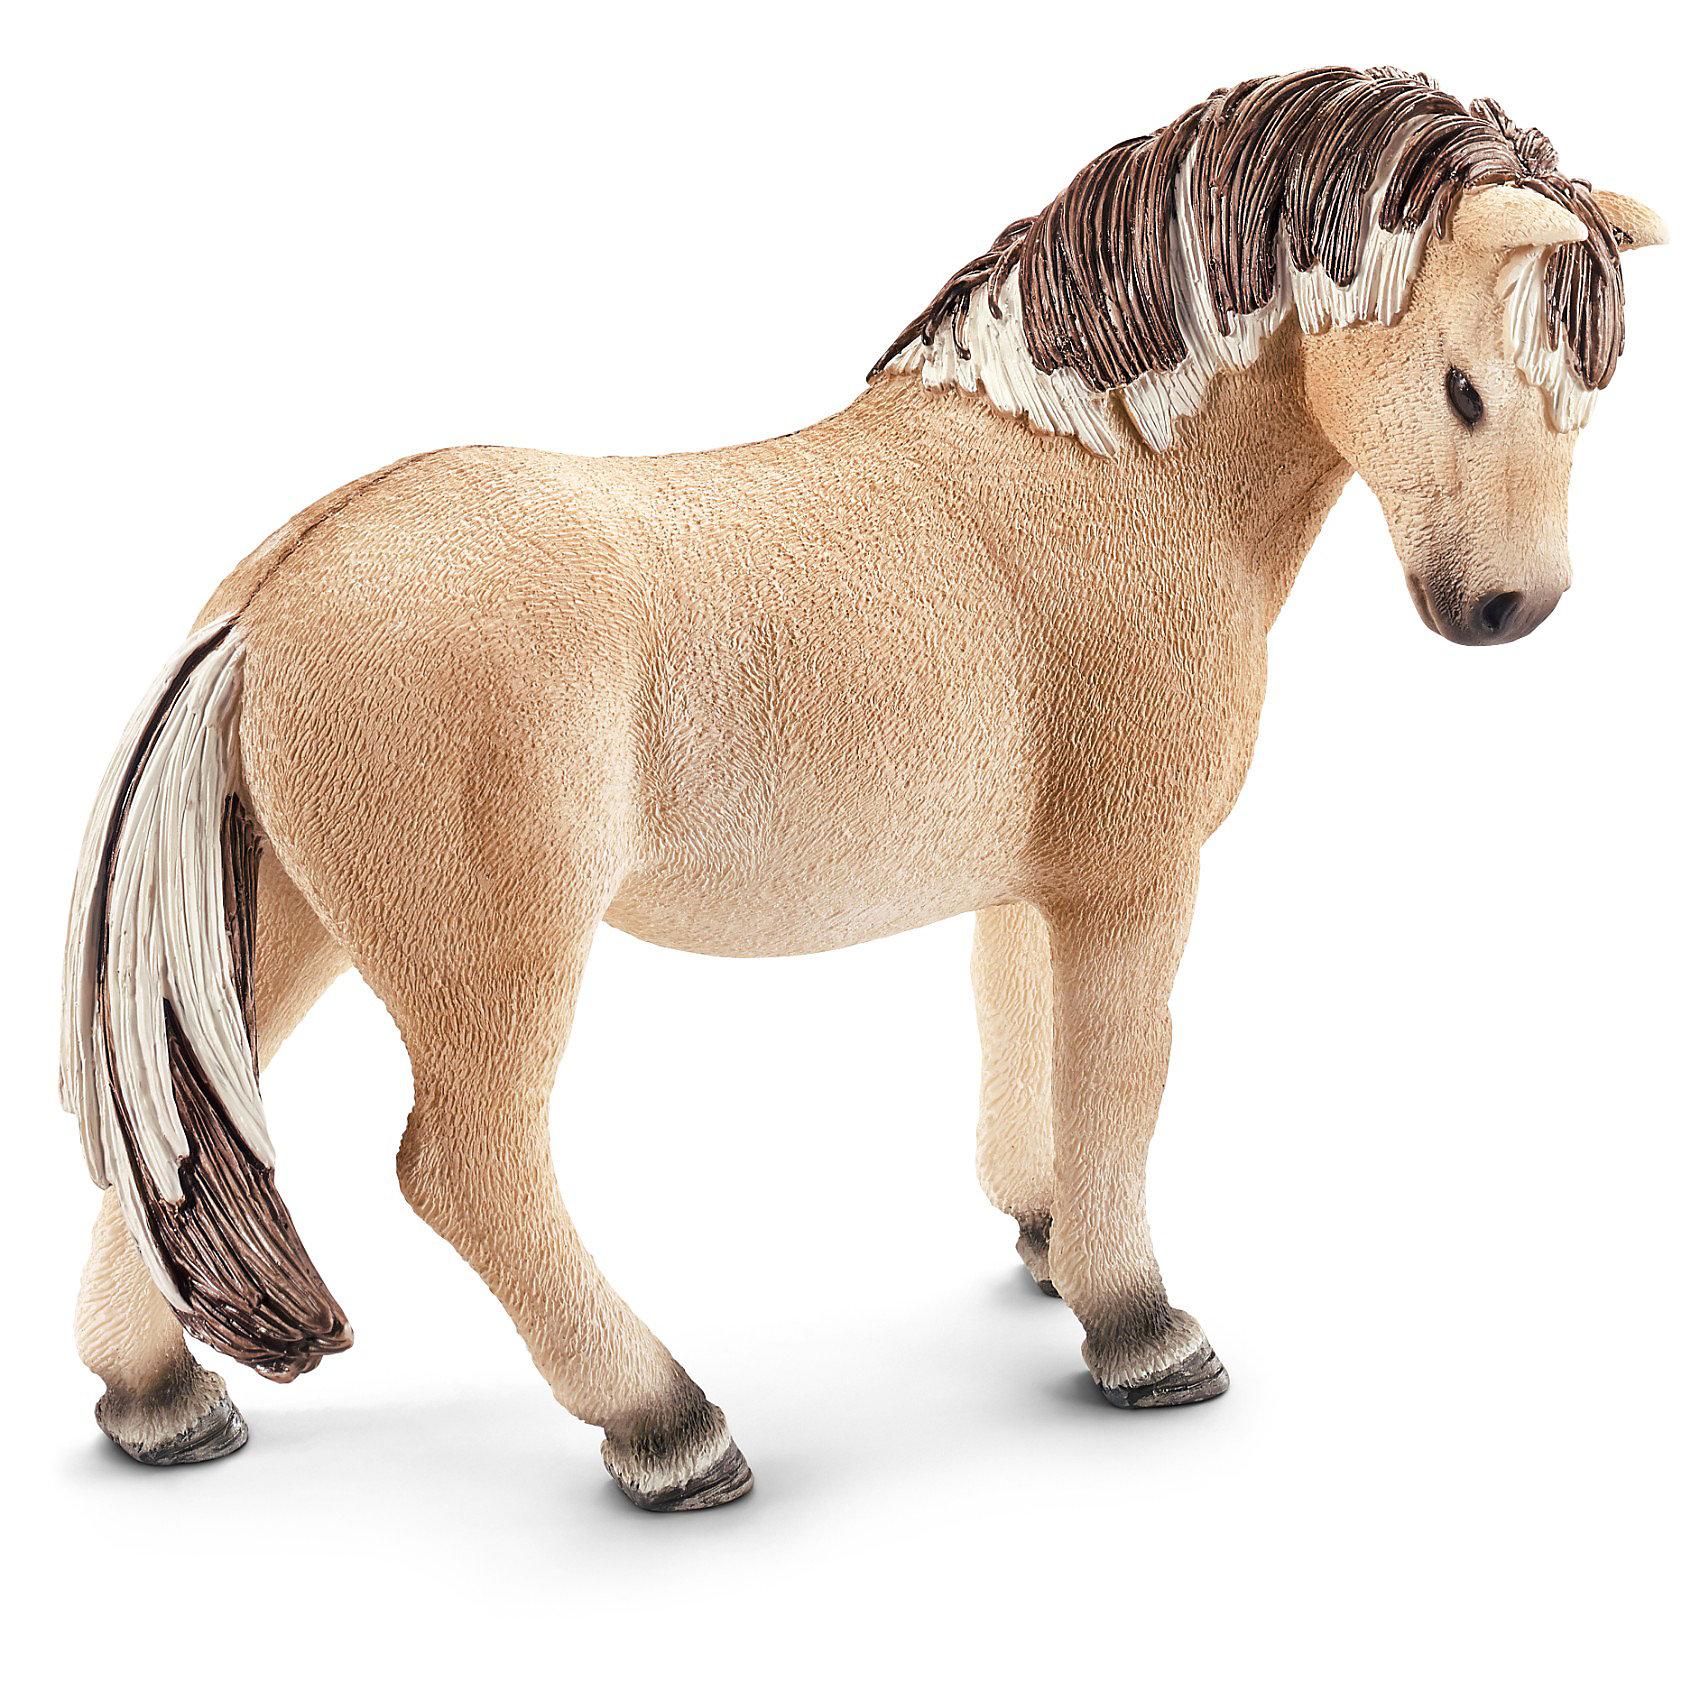 Schleich Фиордская лошадь: кобыла, Schleich schleich тракененская лошадь кобыла schleich